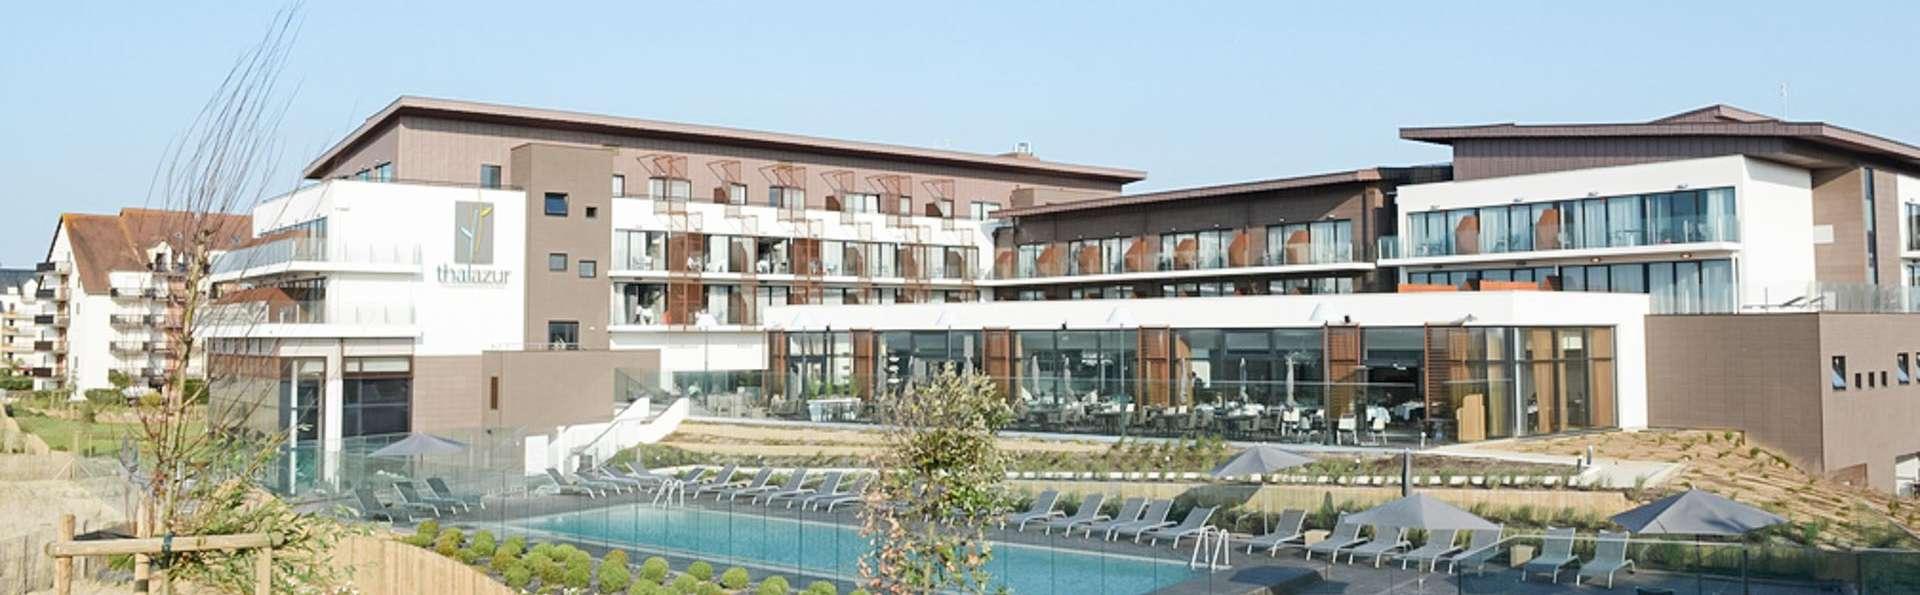 Hôtel les bains de Cabourg & Spa by Thalazur - EDIT_FRONT_01.jpg